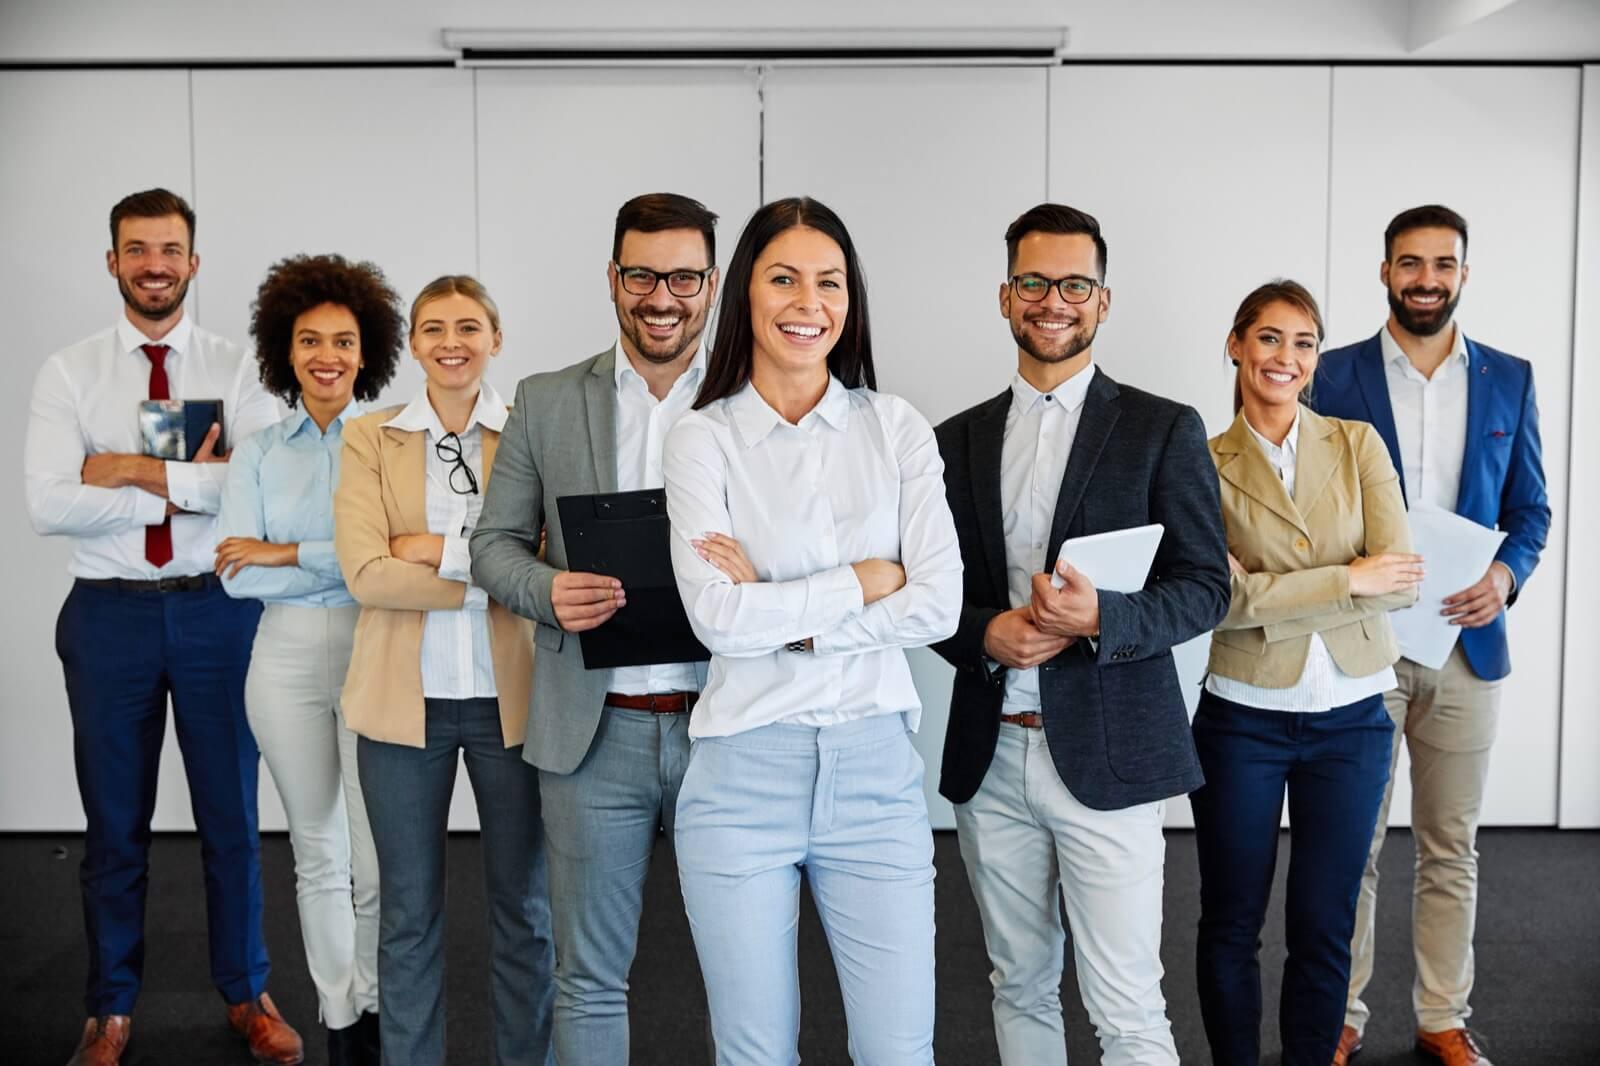 Crescita delle piccole e medie imprese attraverso la finanza agevolata